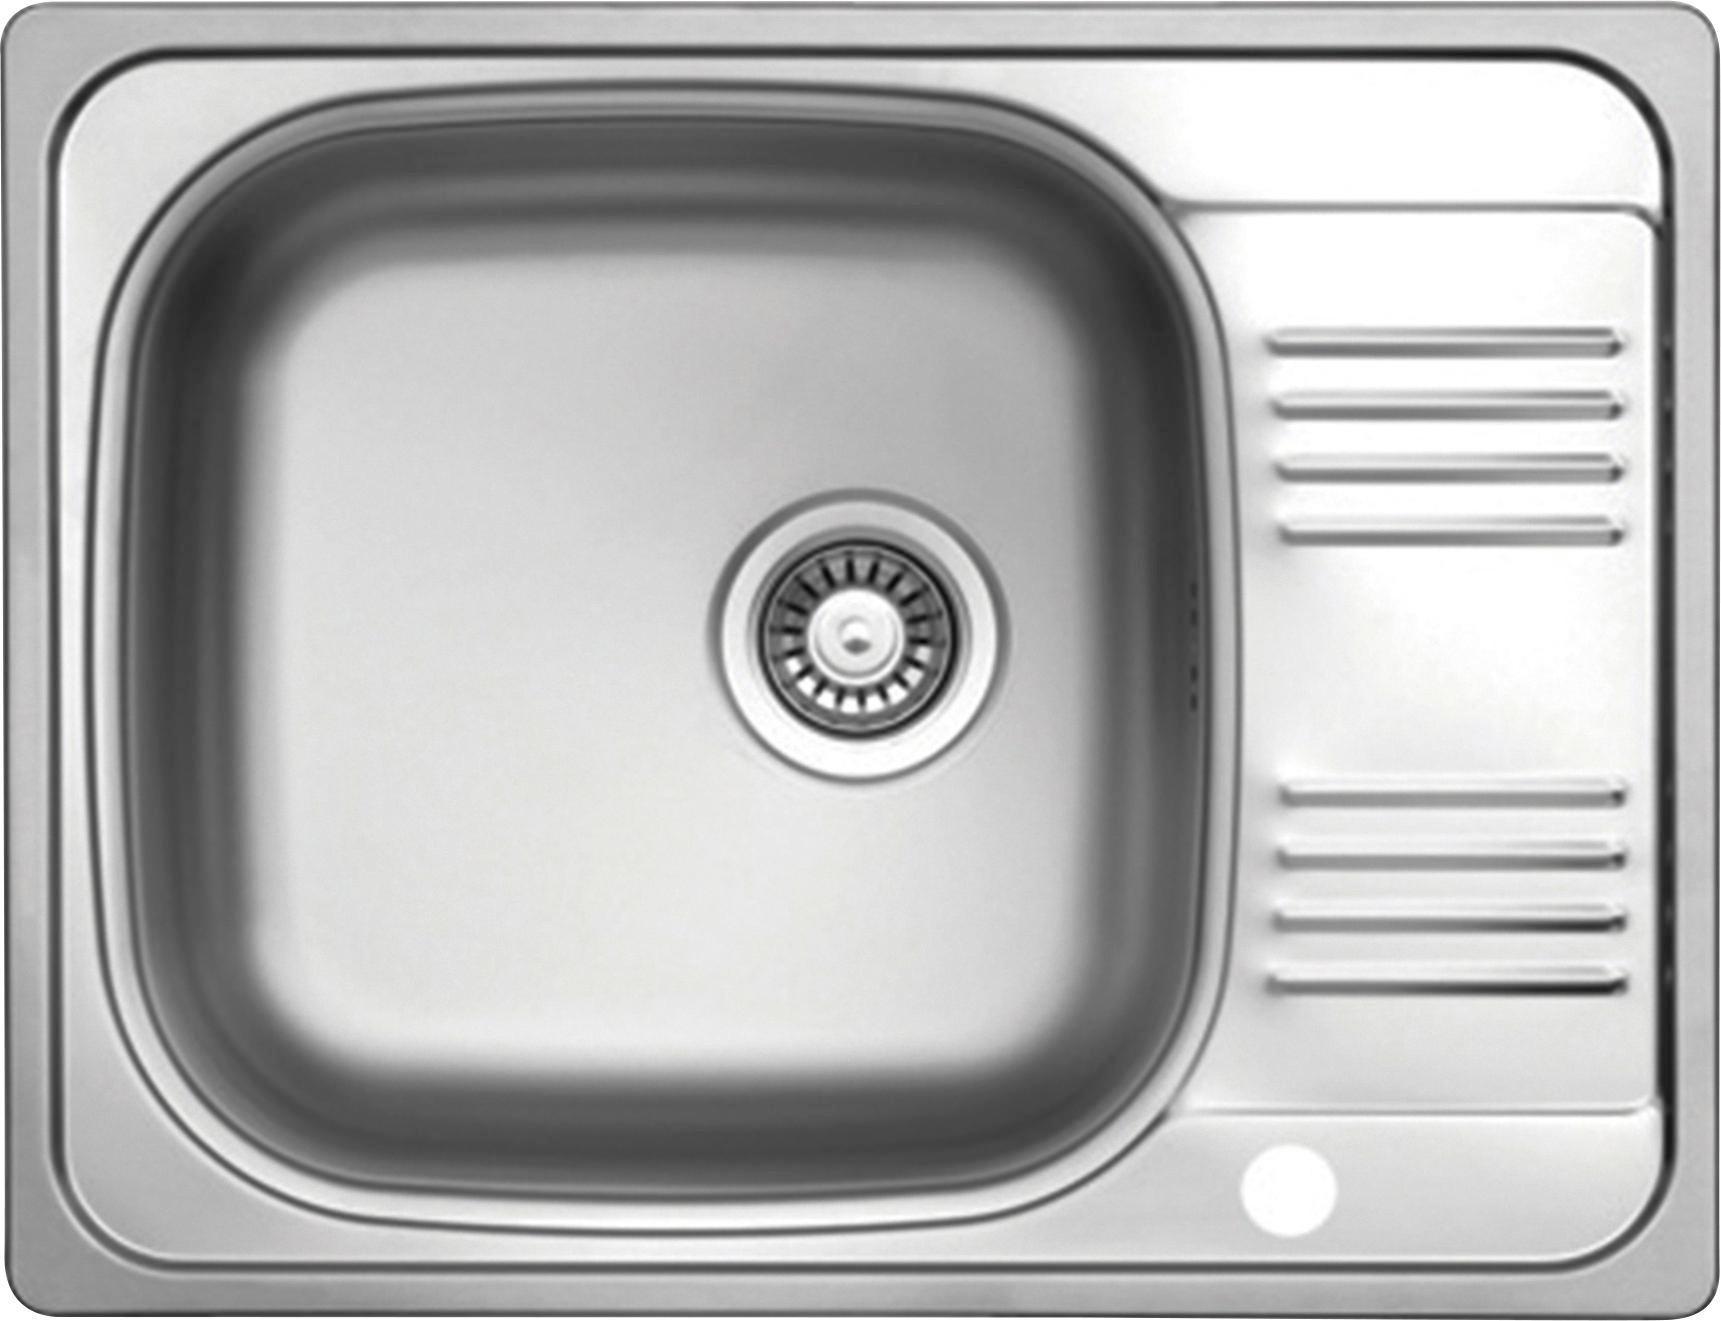 Atemberaubend Kaufen Küchenspüle Online Kanada Ideen - Ideen Für Die ...